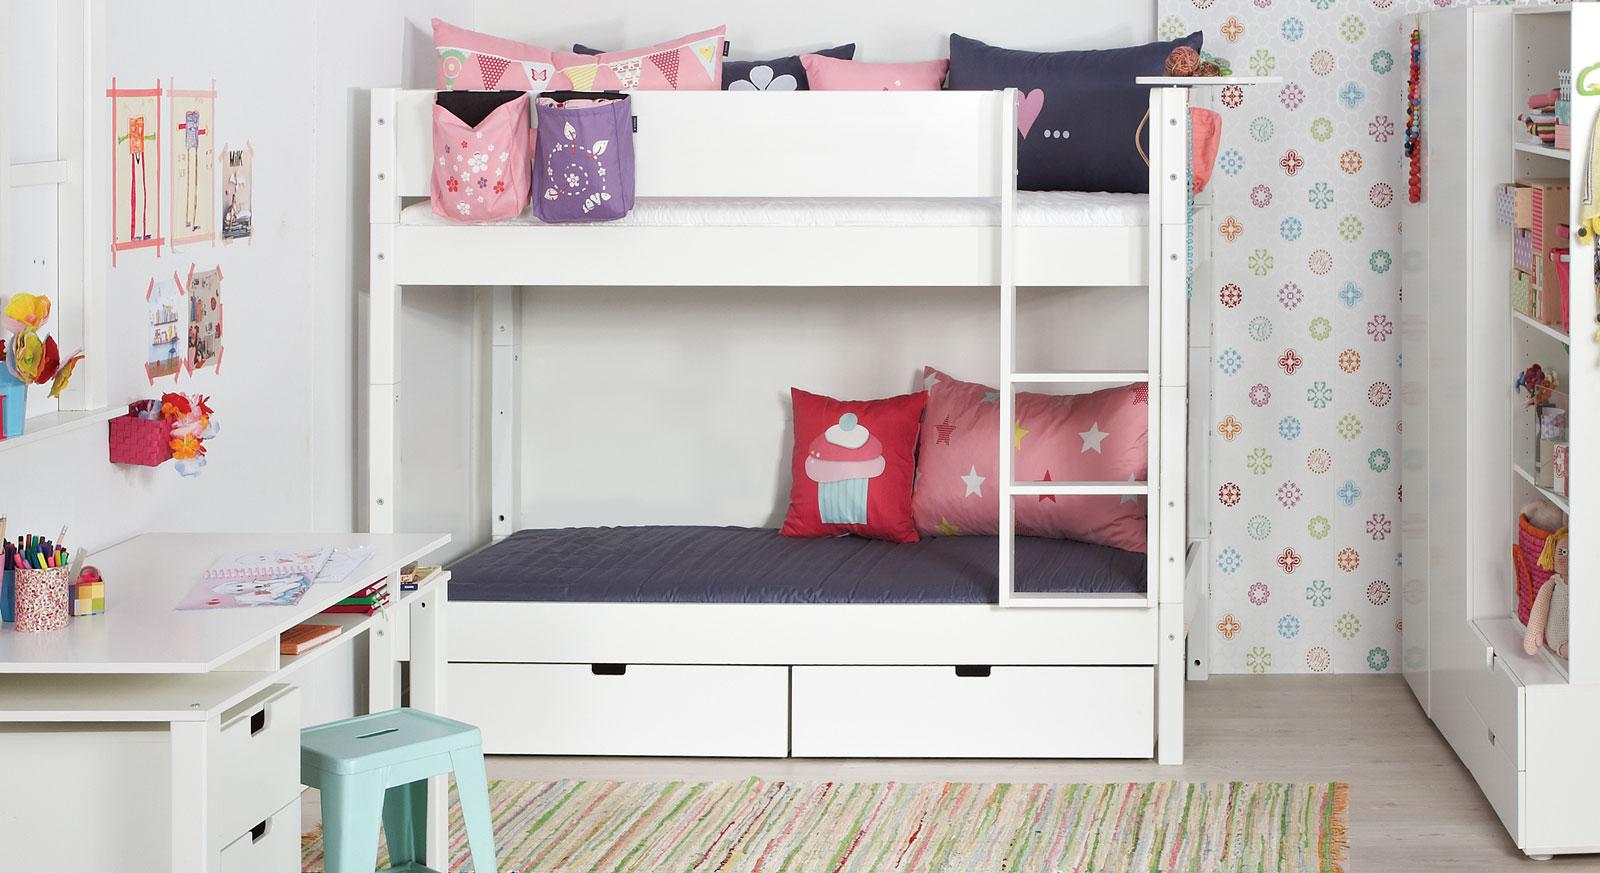 Etagenbett Doppel Etagenbett : Etagenbetten für kleinkinder günstig kaufen betten